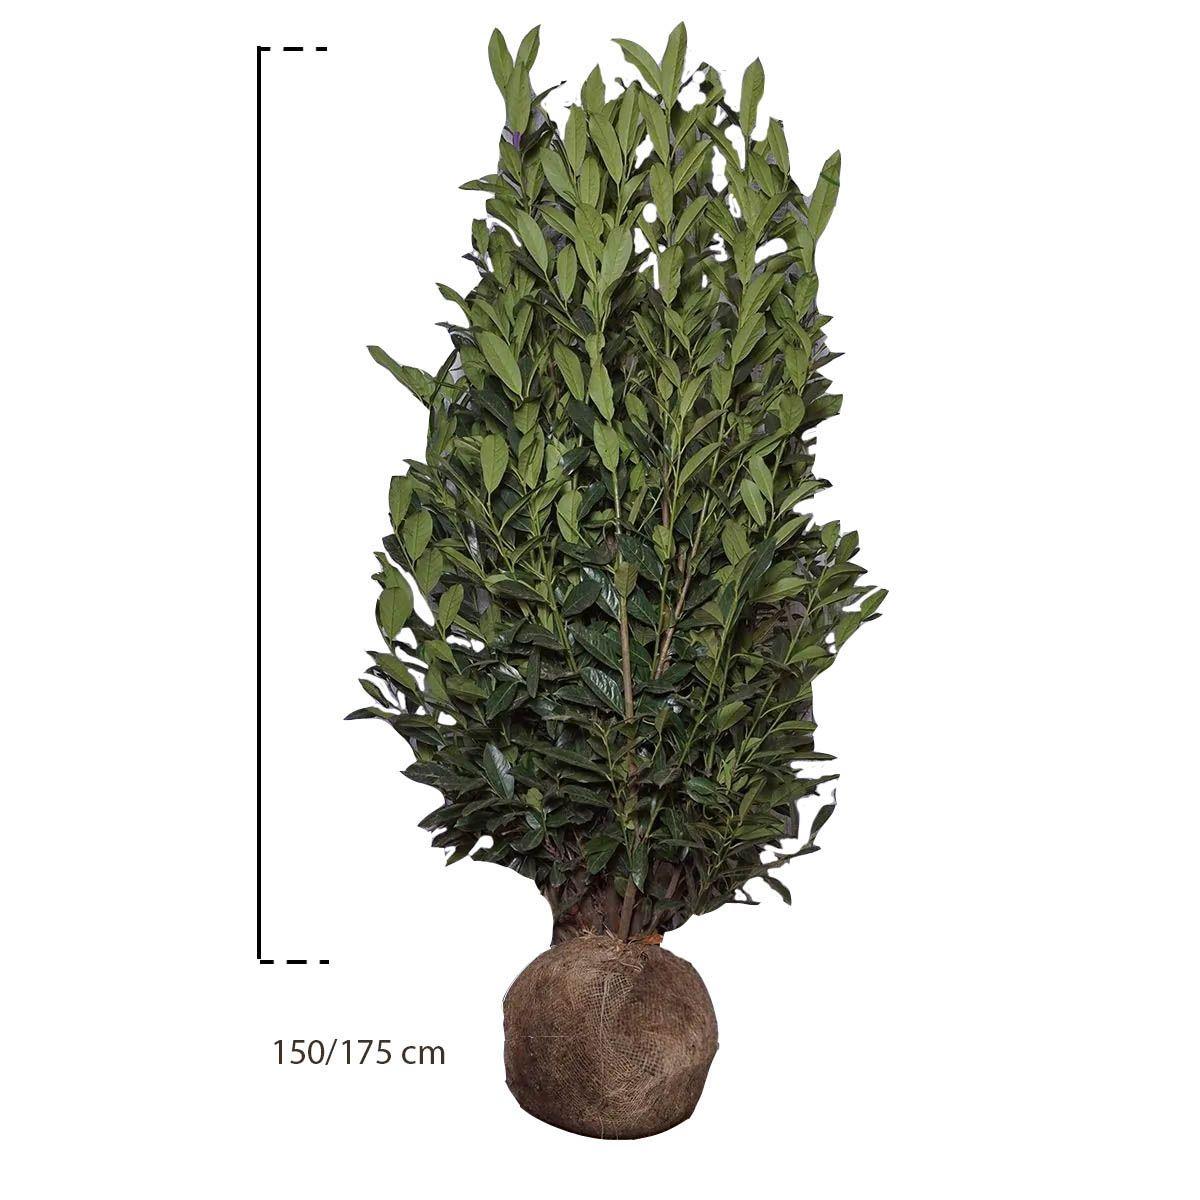 Kirschlorbeer 'Elly'® Wurzelballen 150-175 cm